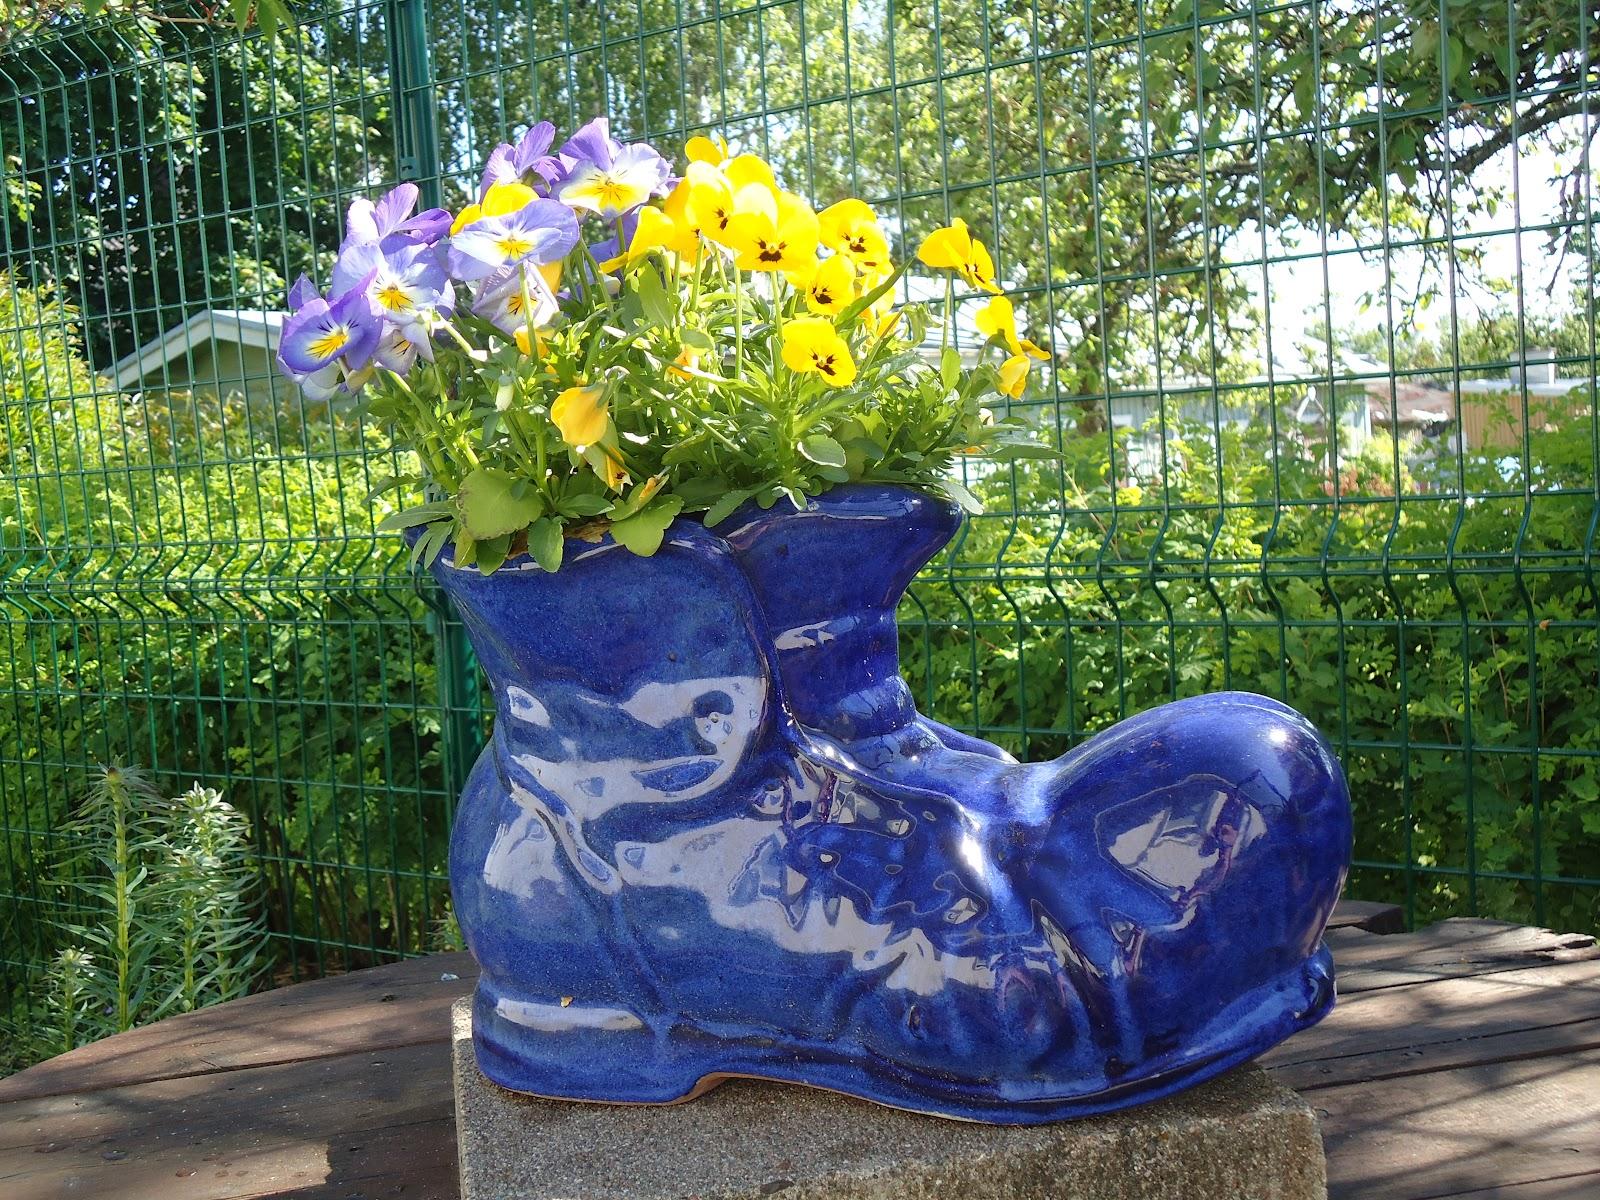 Kukkien kierrätystä…- Flower recycling